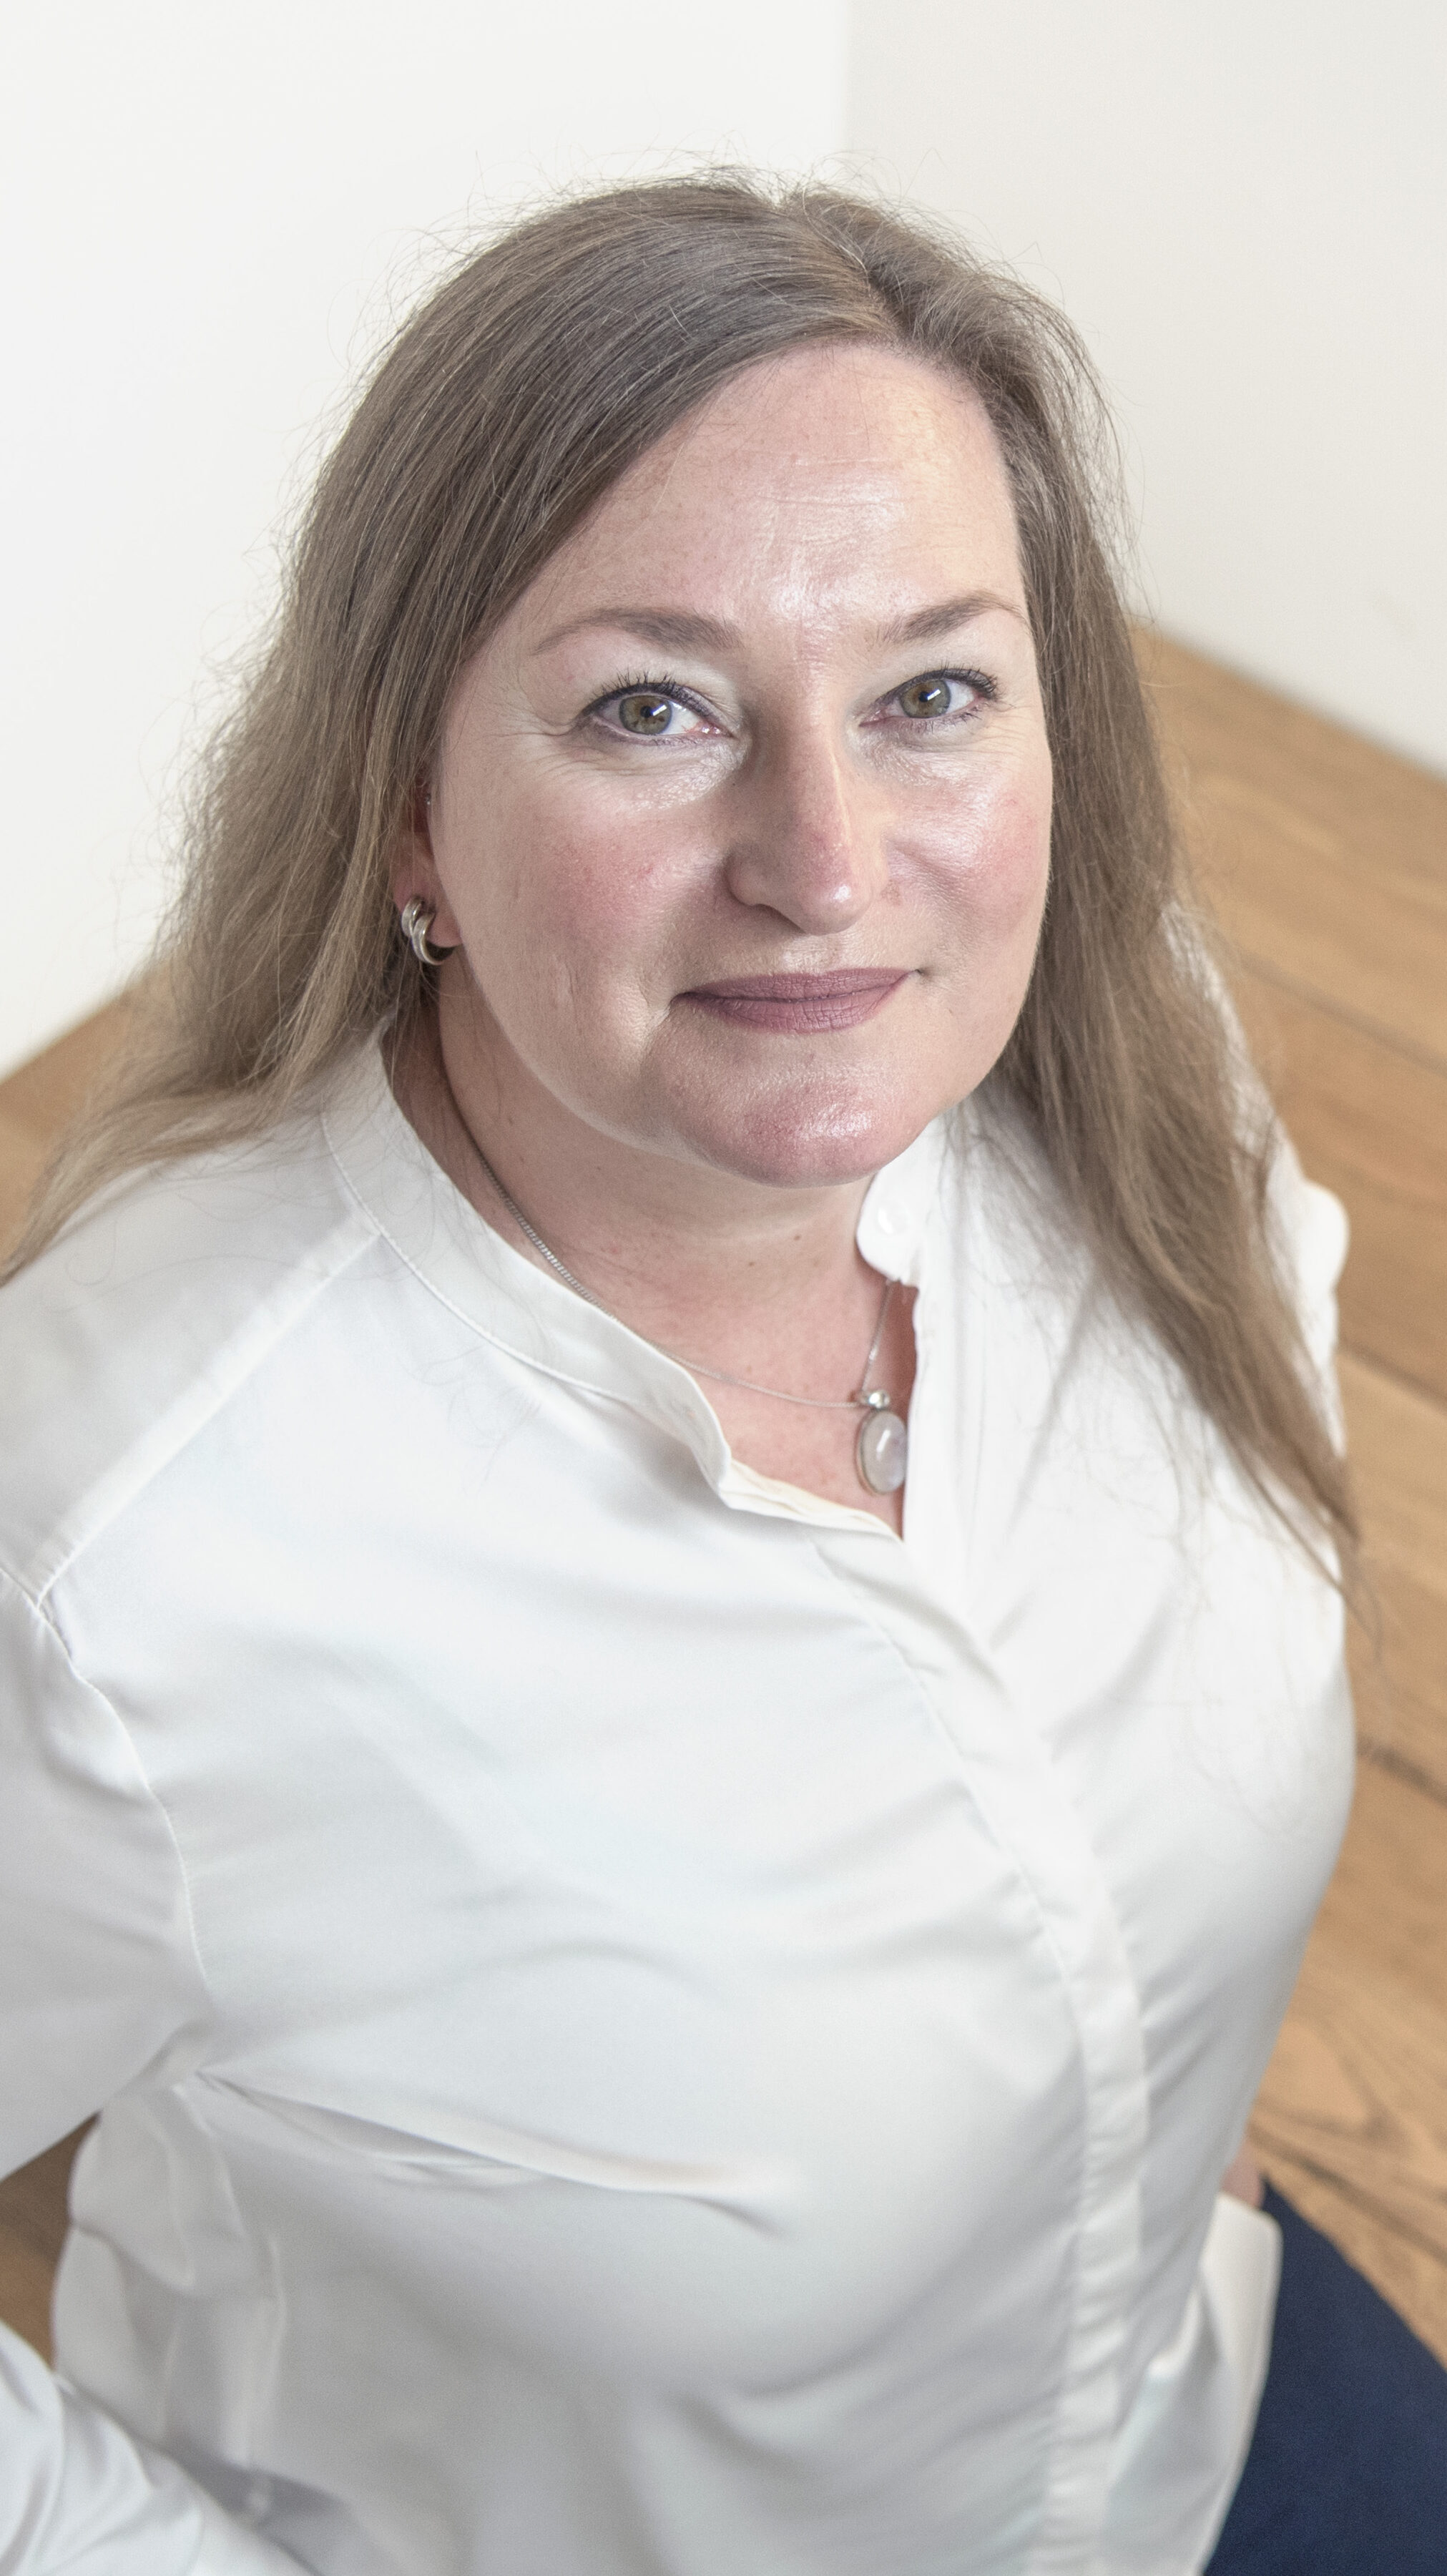 Wendy van der Veer - Team - FysioHellevoet